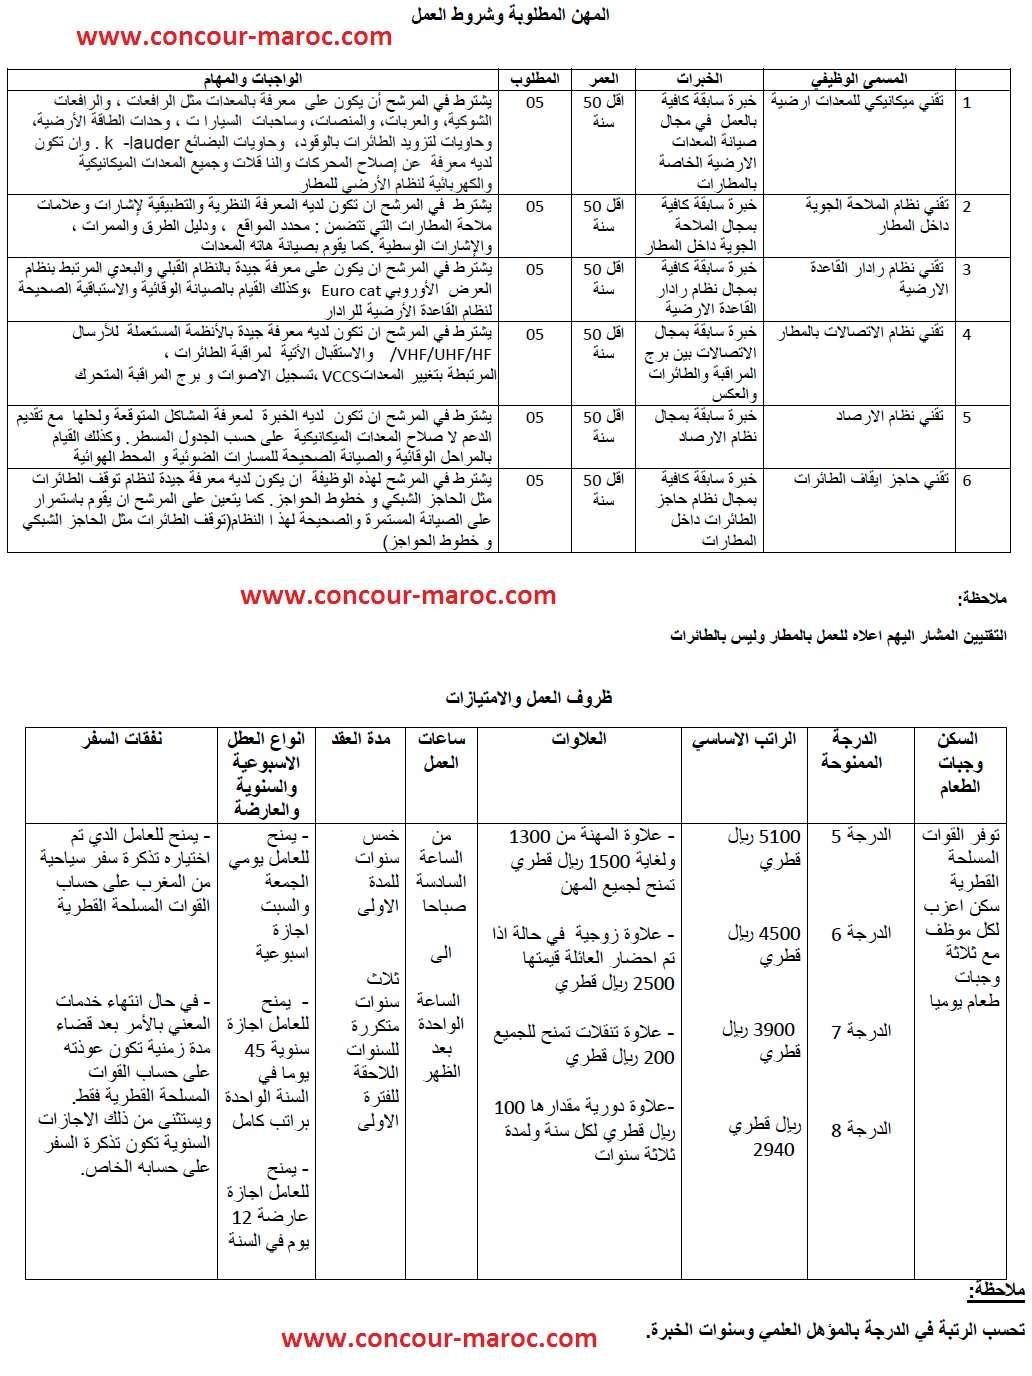 القوات الجوية الأميرية القطرية : توظيف تقنيين من المغرب في صيانة المعدات الارضية التي تستخدم داخل المطارات اخر اجل 11 دجنبر 2017 Emploi10